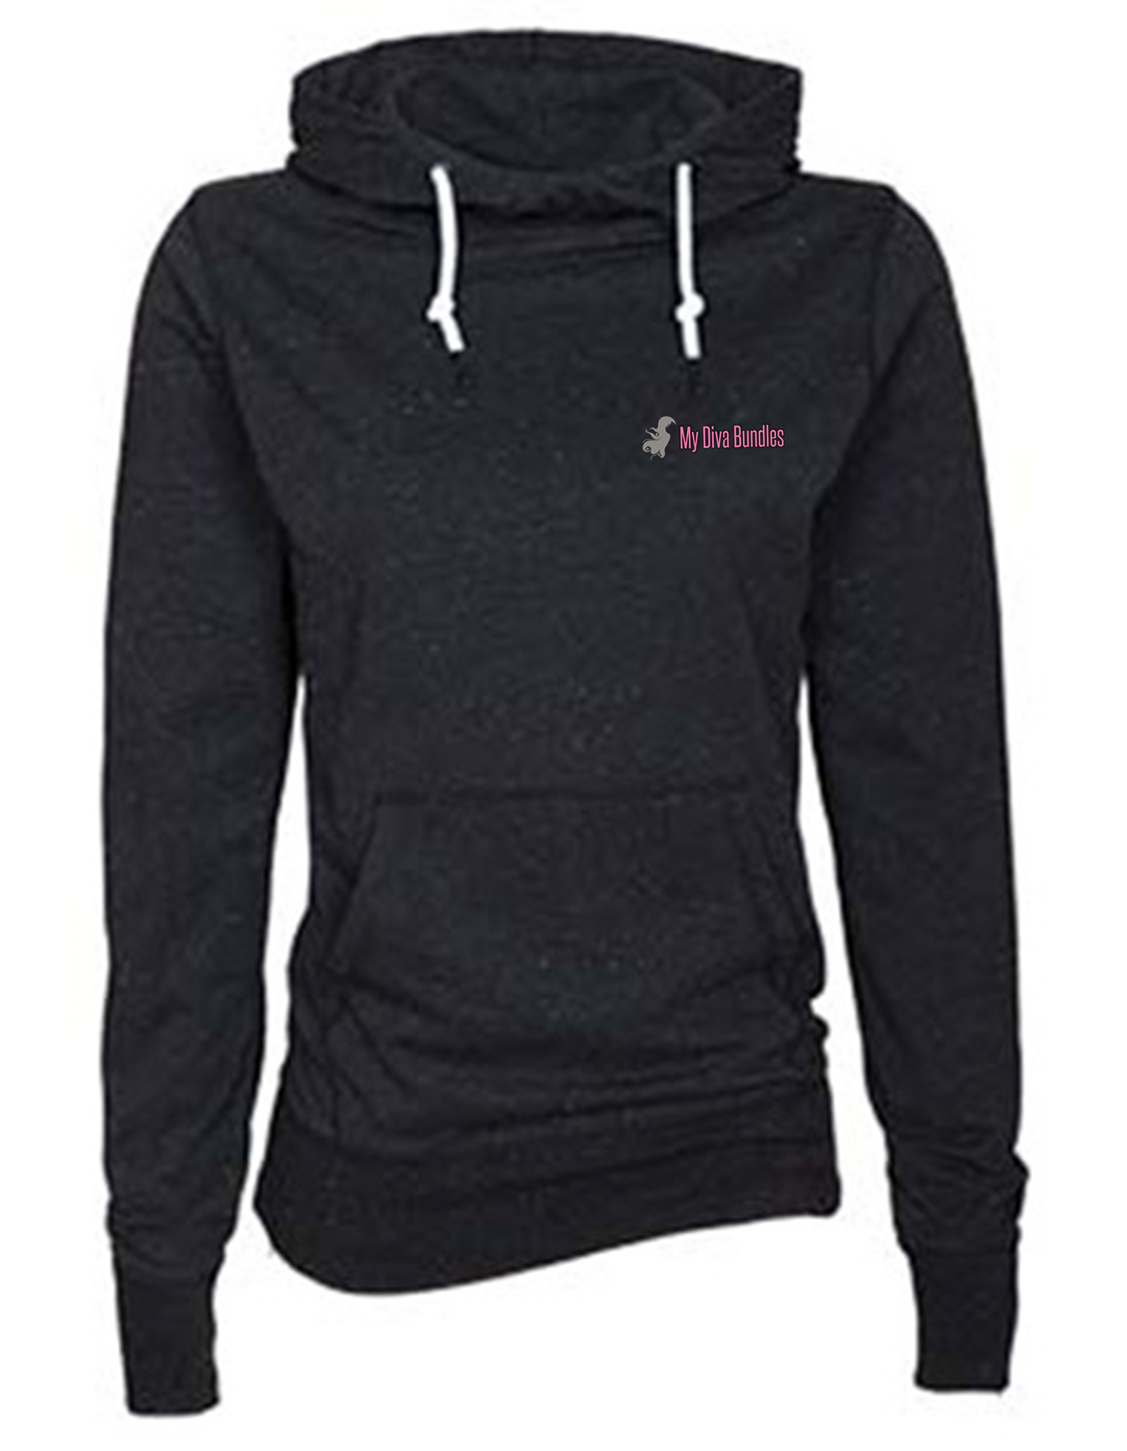 custom design of Enza 09179 - Ladies Long Sleeve Funnel Neck Hooded Tee